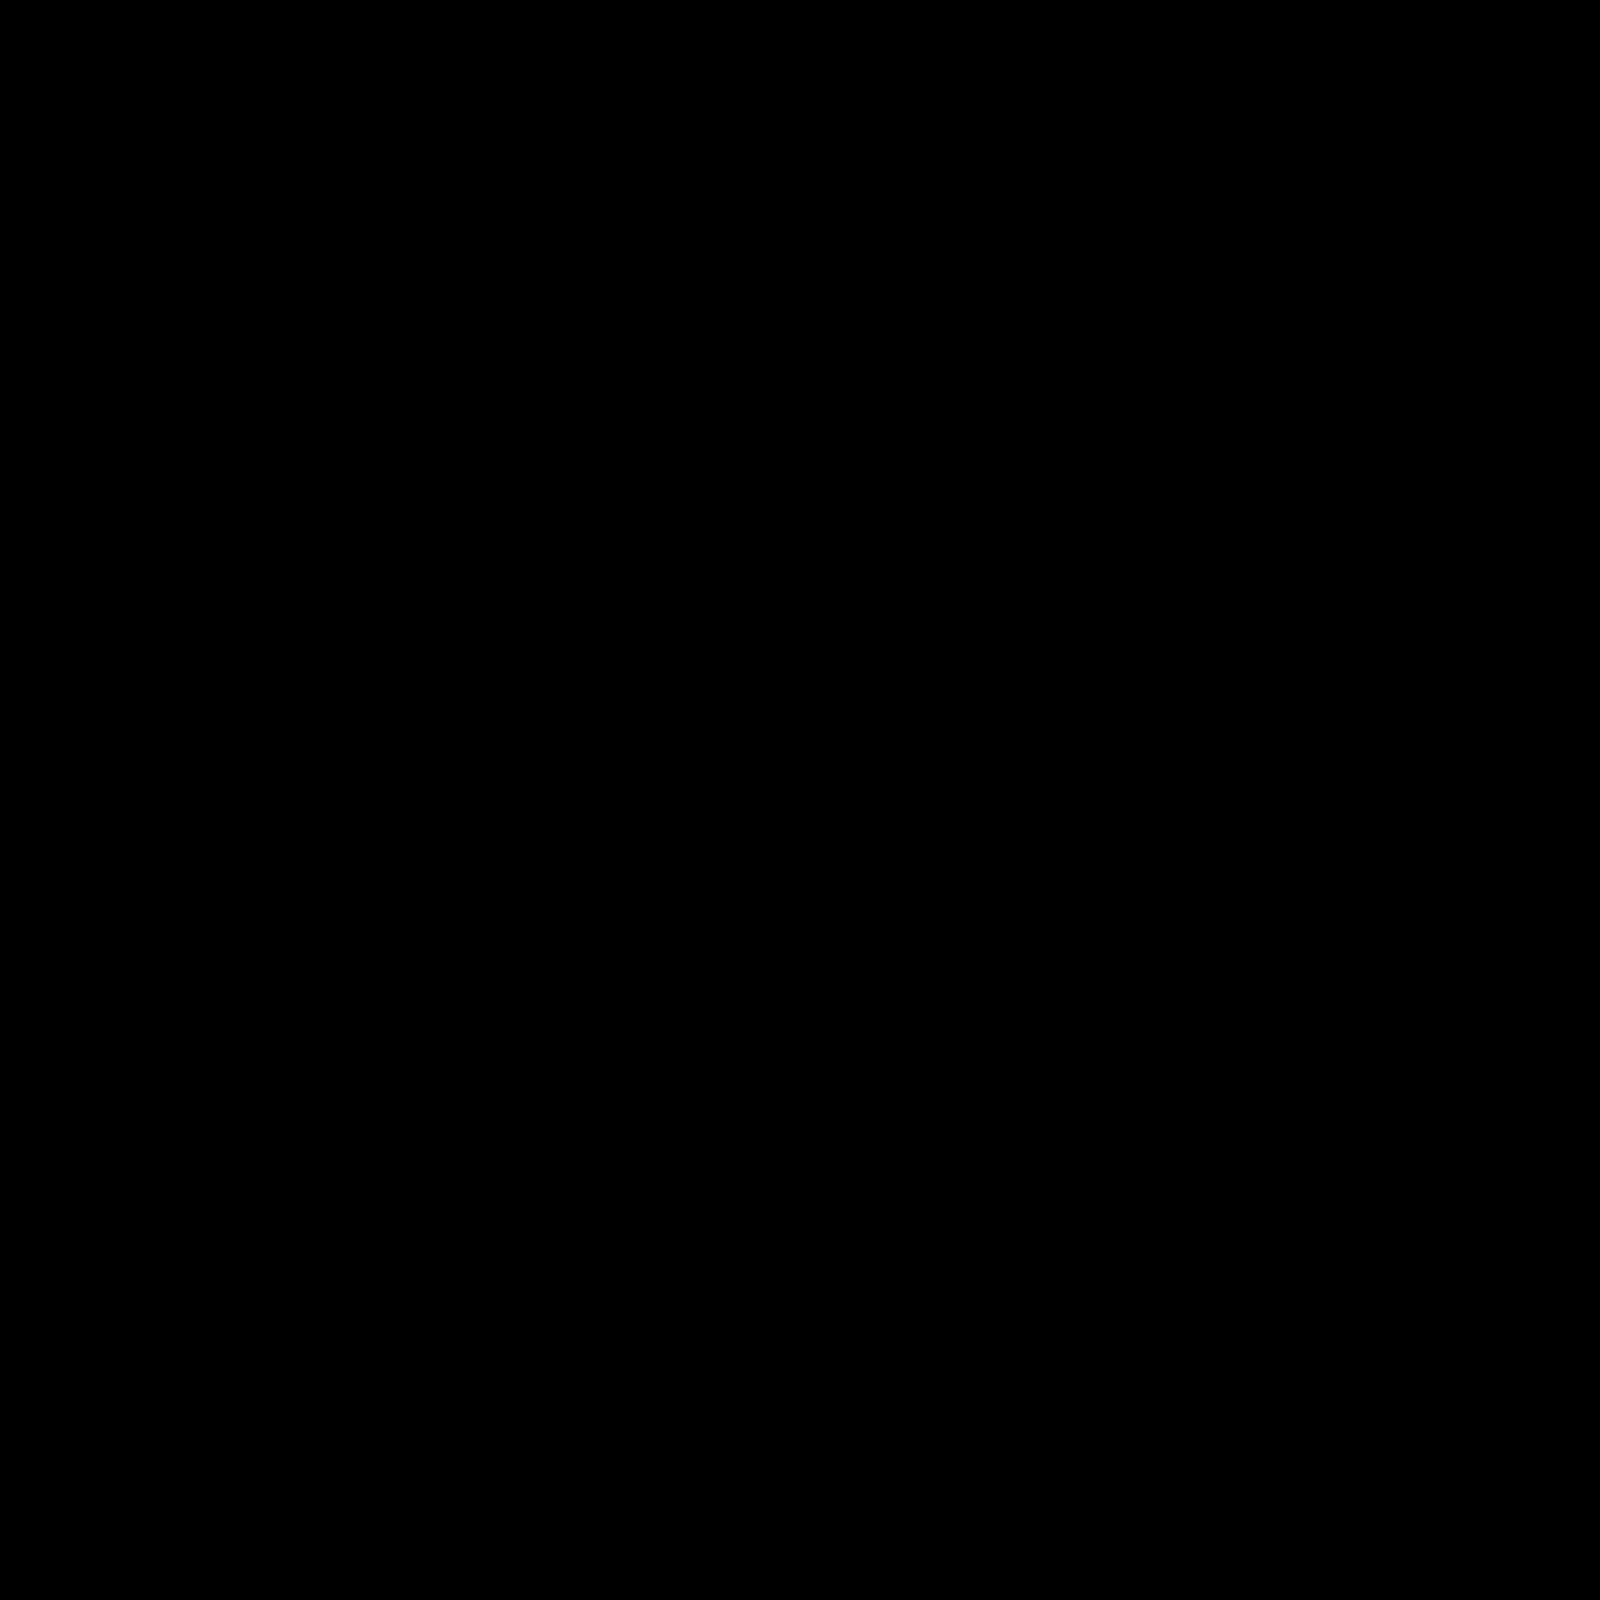 Wsparcie dla komputerów icon